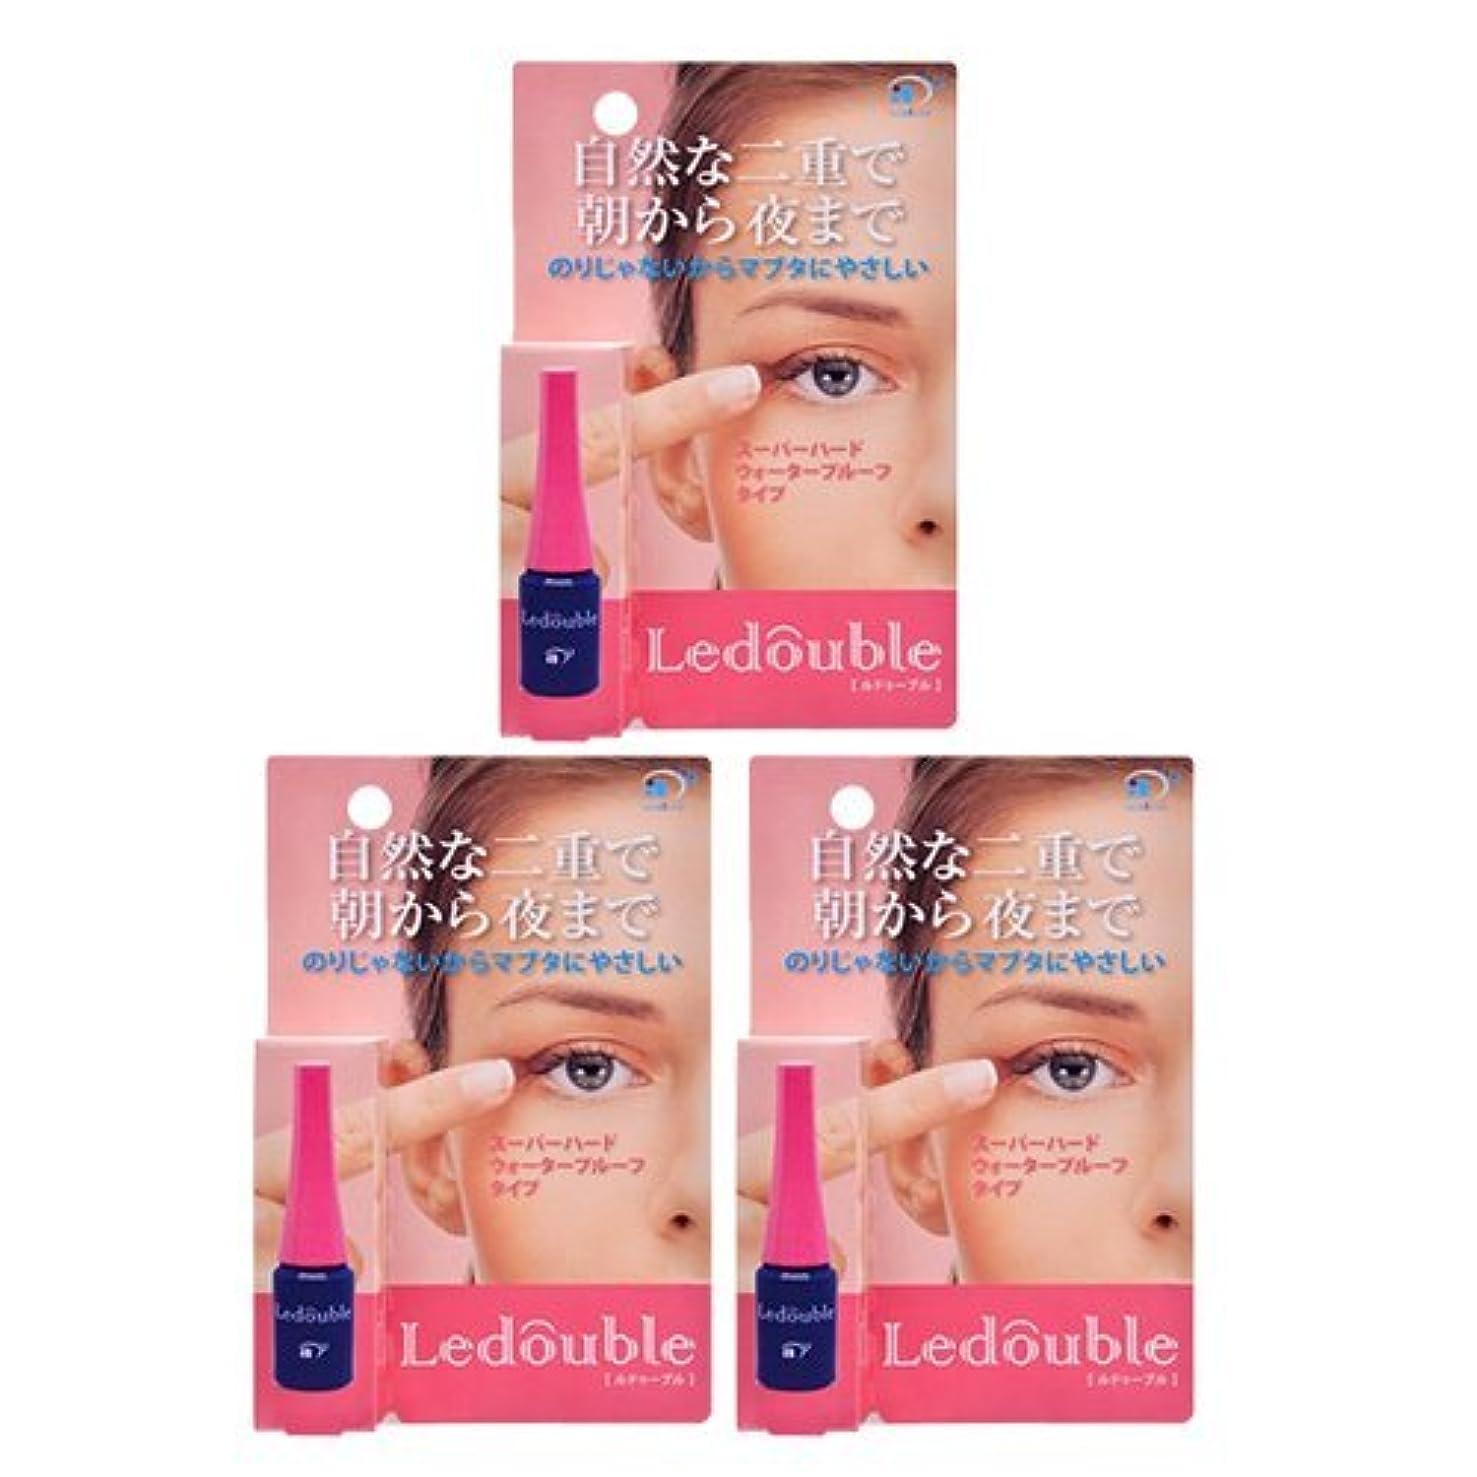 行く失望反発するLedouble [ルドゥーブル] 二重まぶた化粧品 (2mL)×3個セット